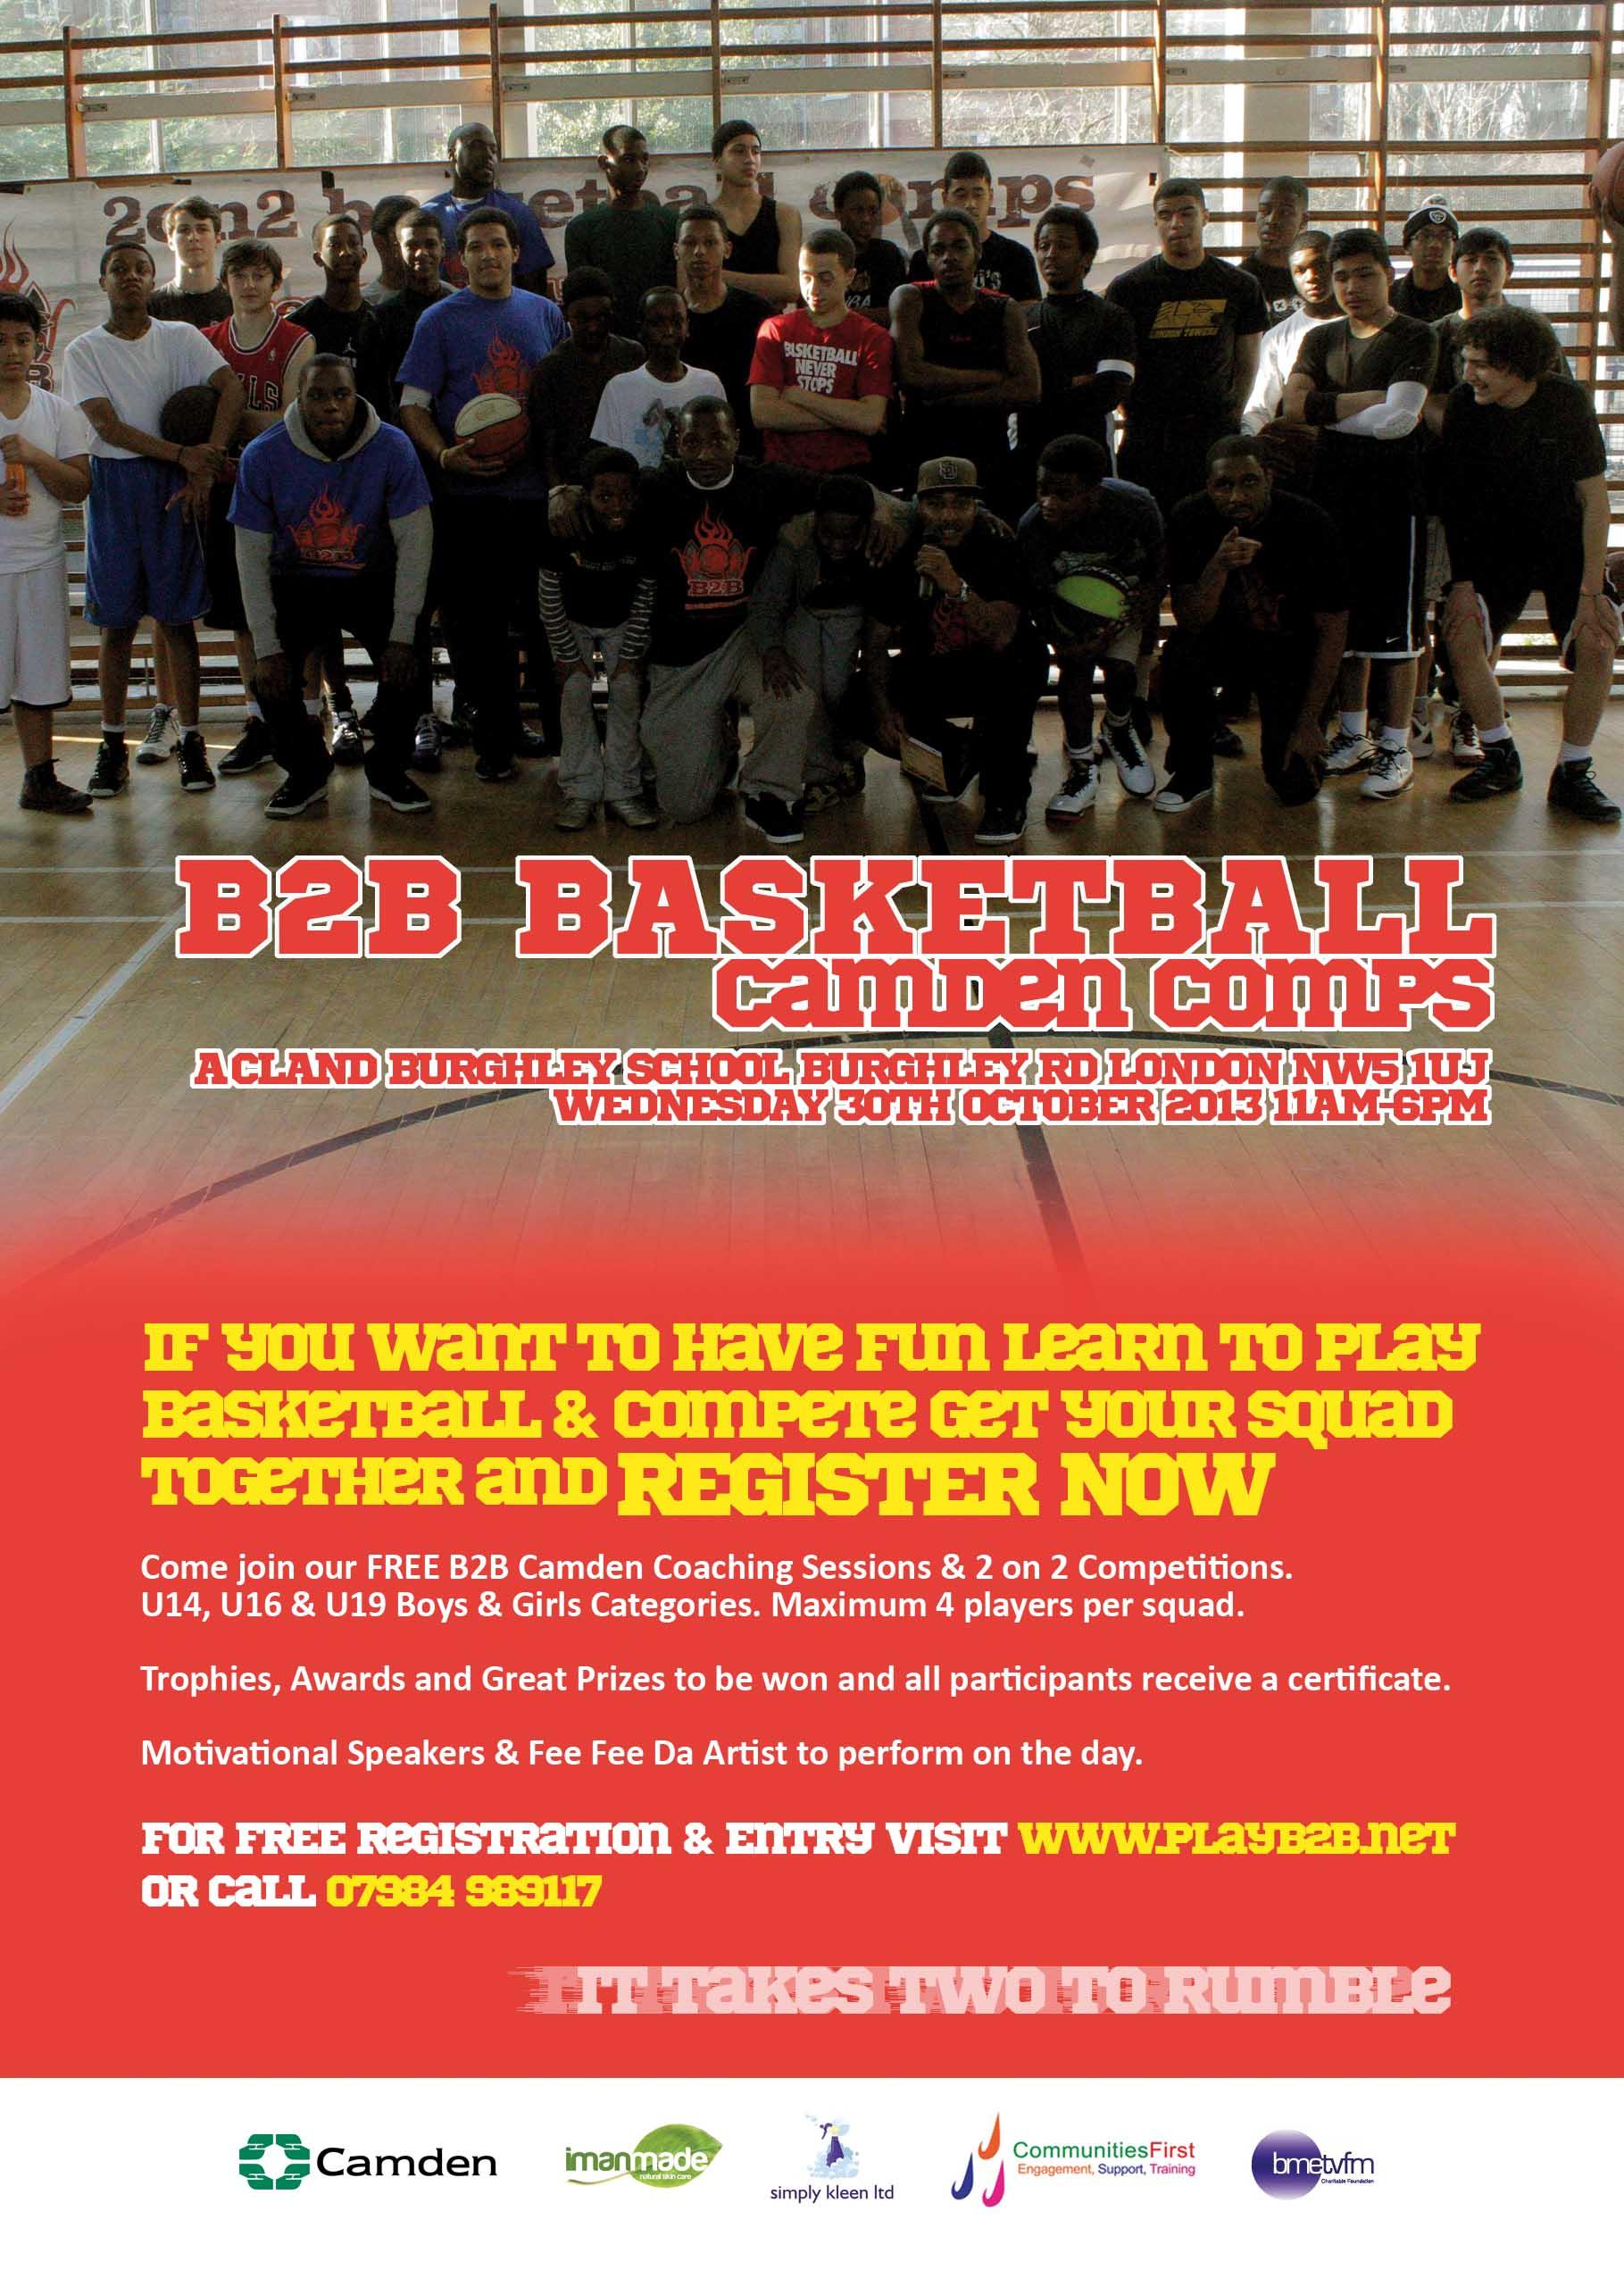 B2B Basketball camden comps 2013